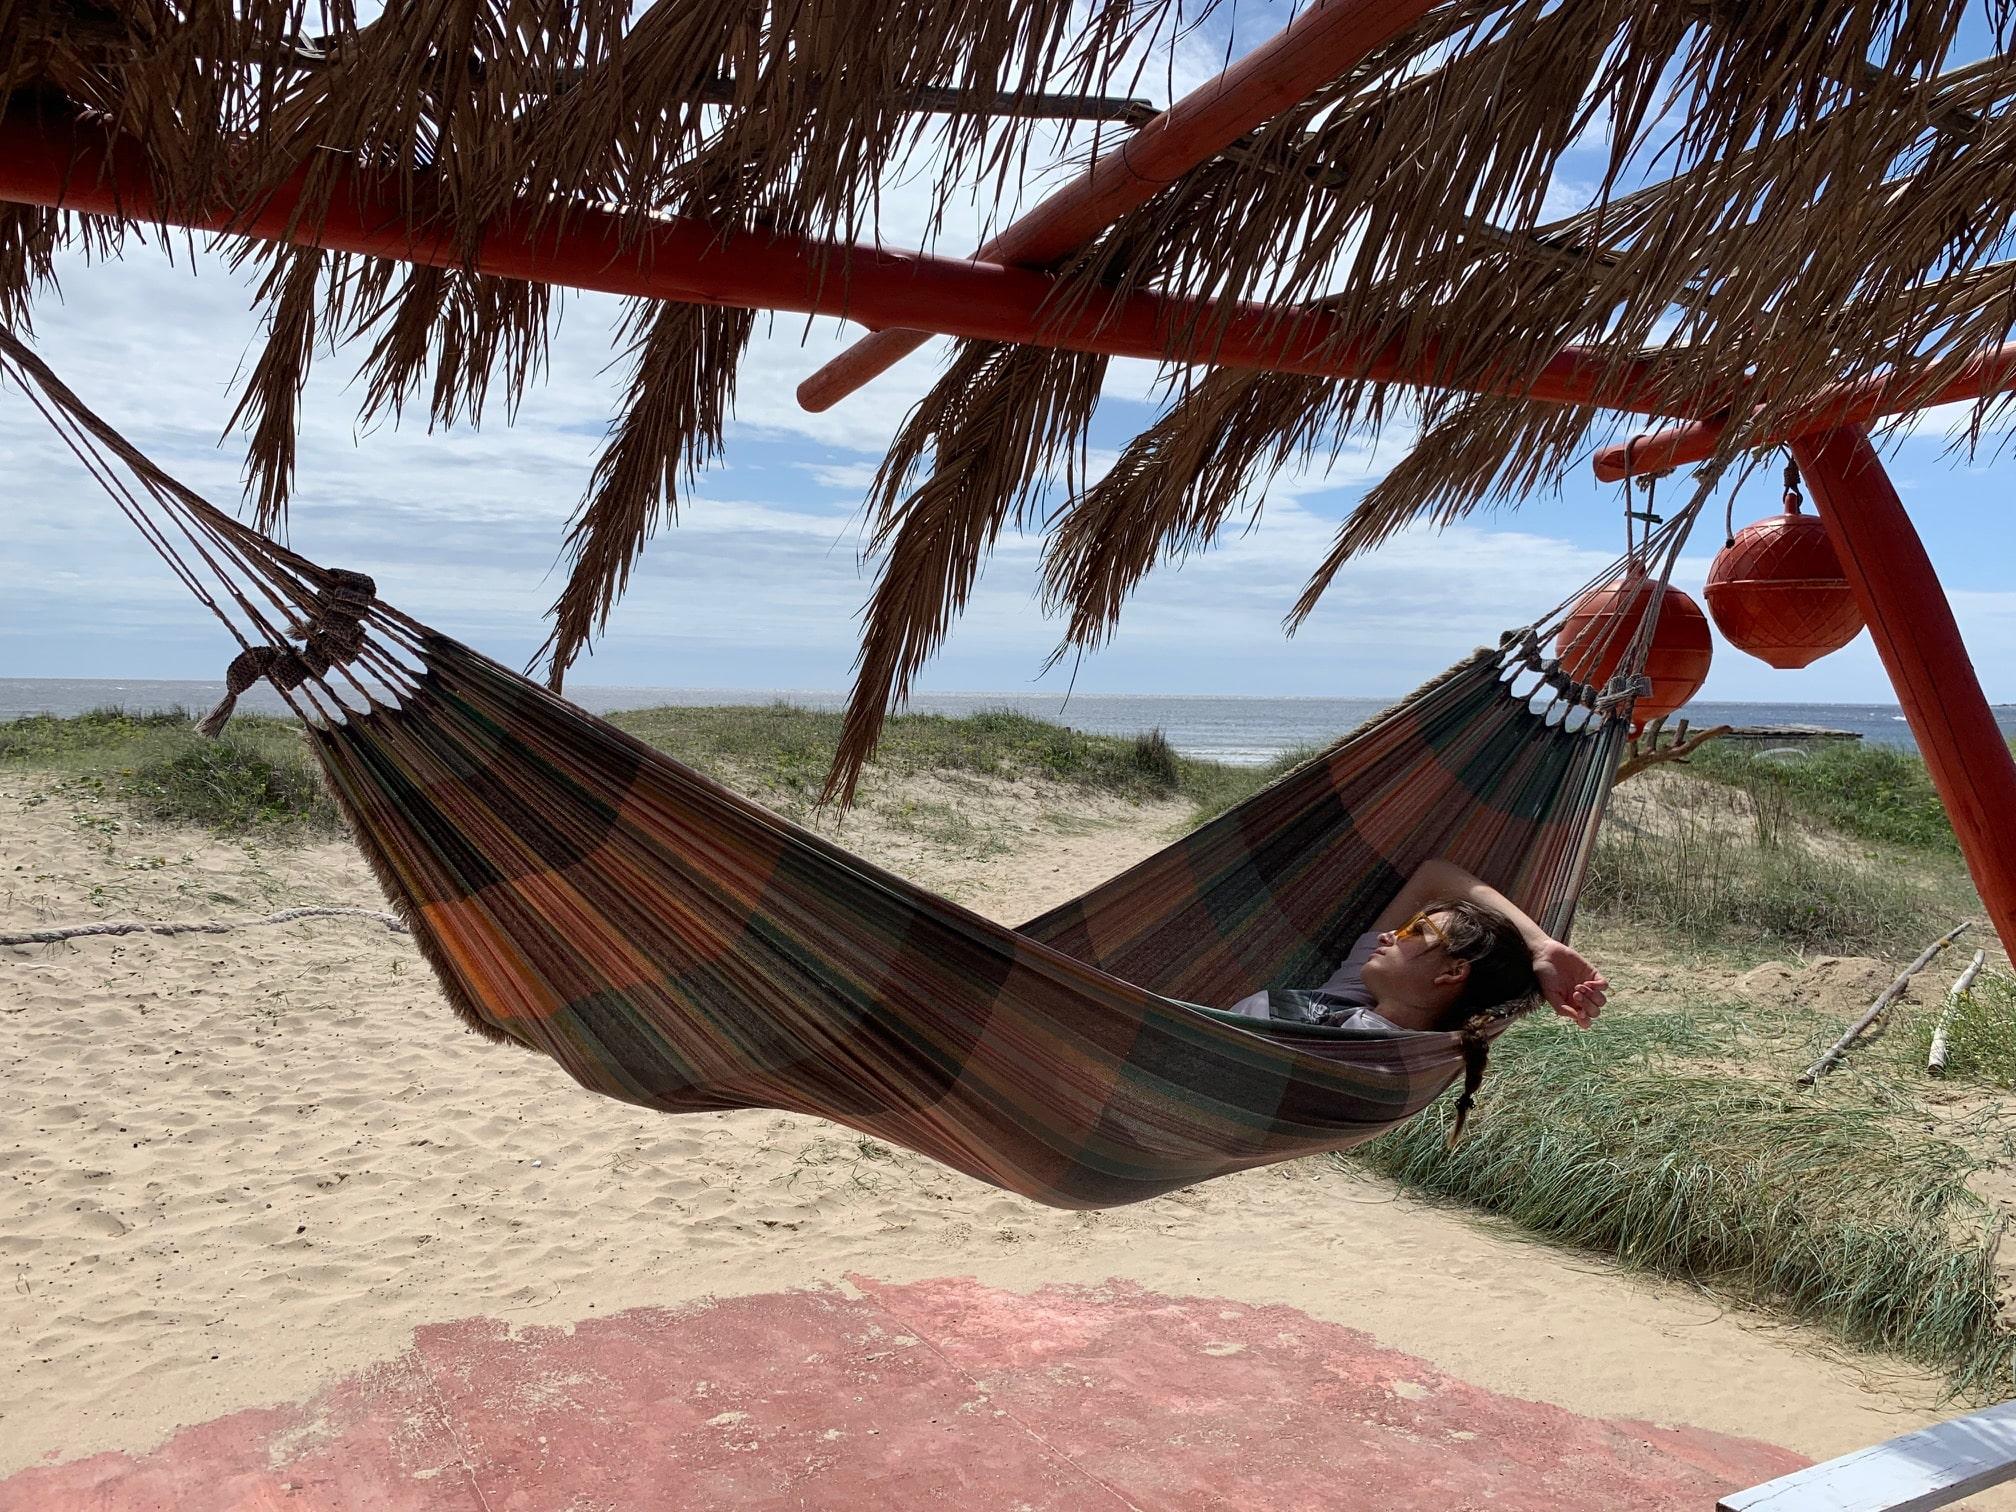 Qué hacer en Uruguay; en verano, descansar